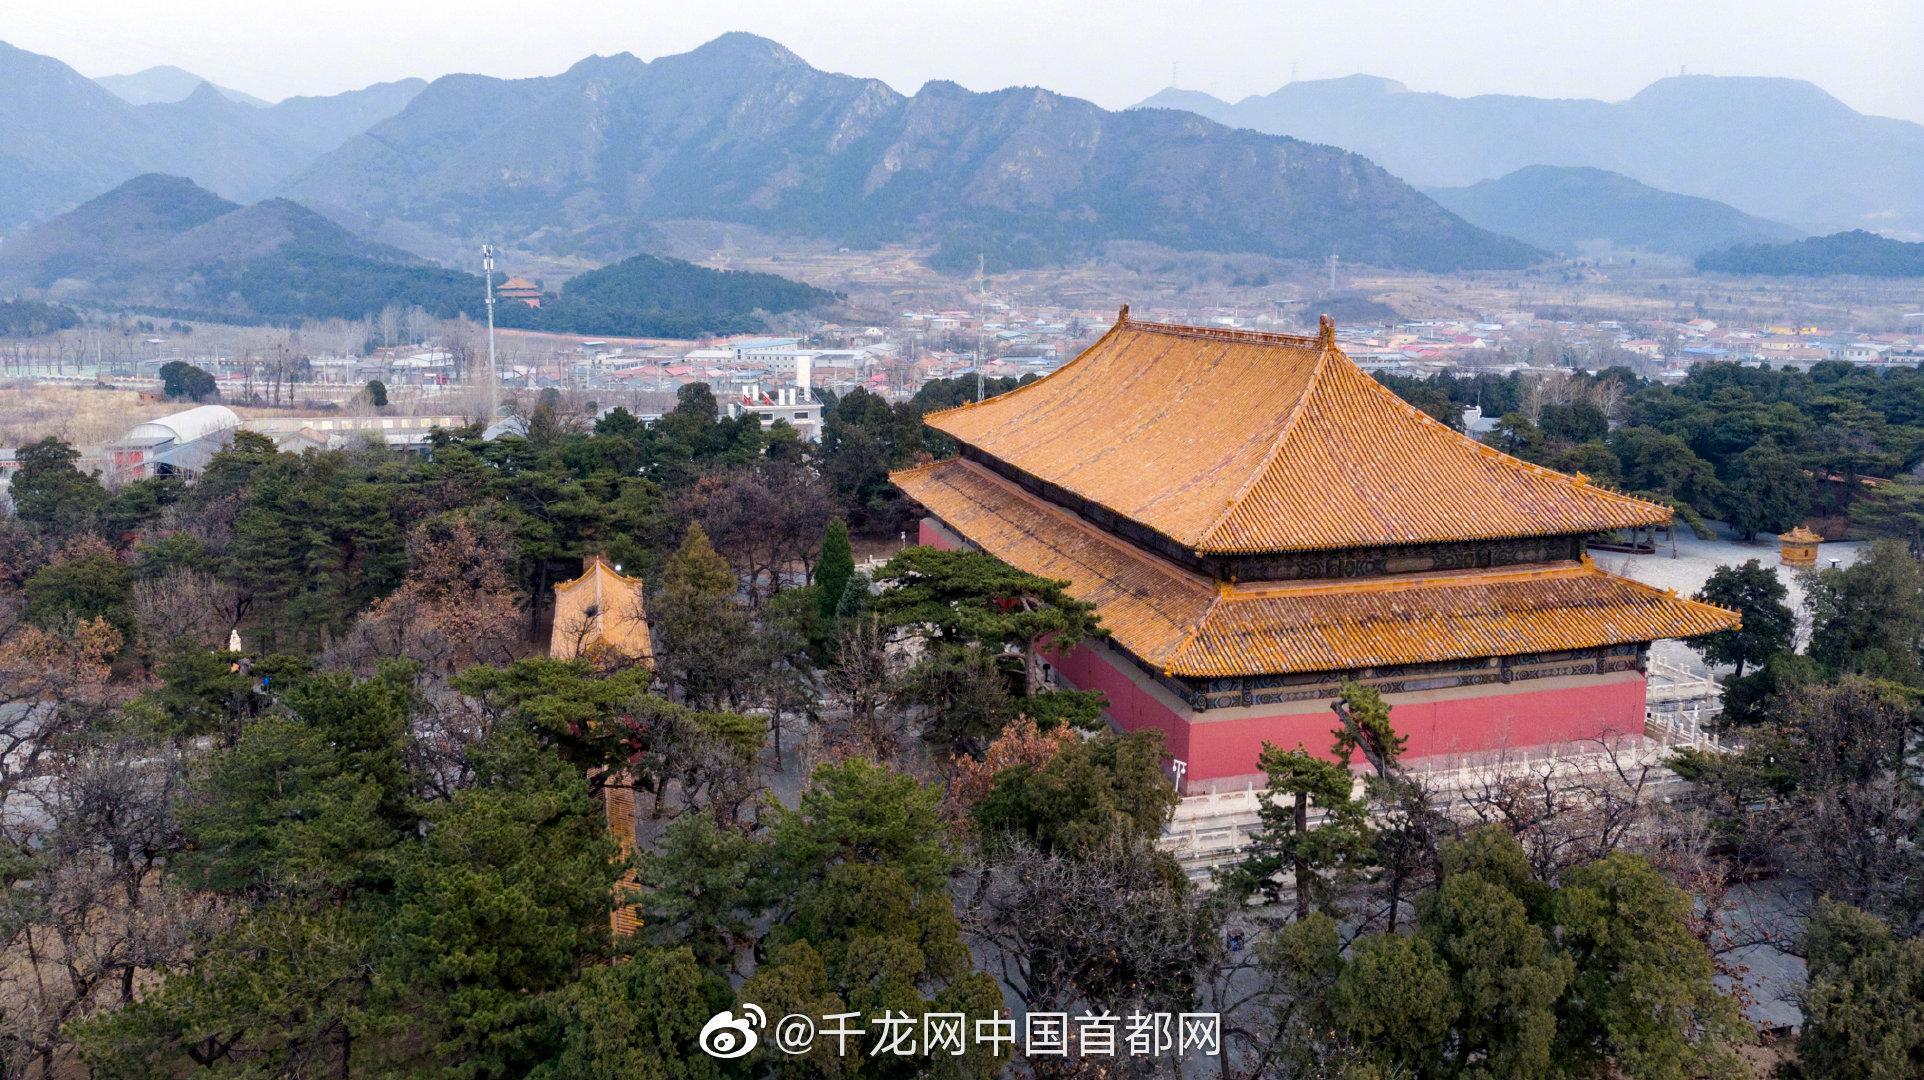 明十三陵康陵 北京明十三陵康陵景区今天第一次向游客开放